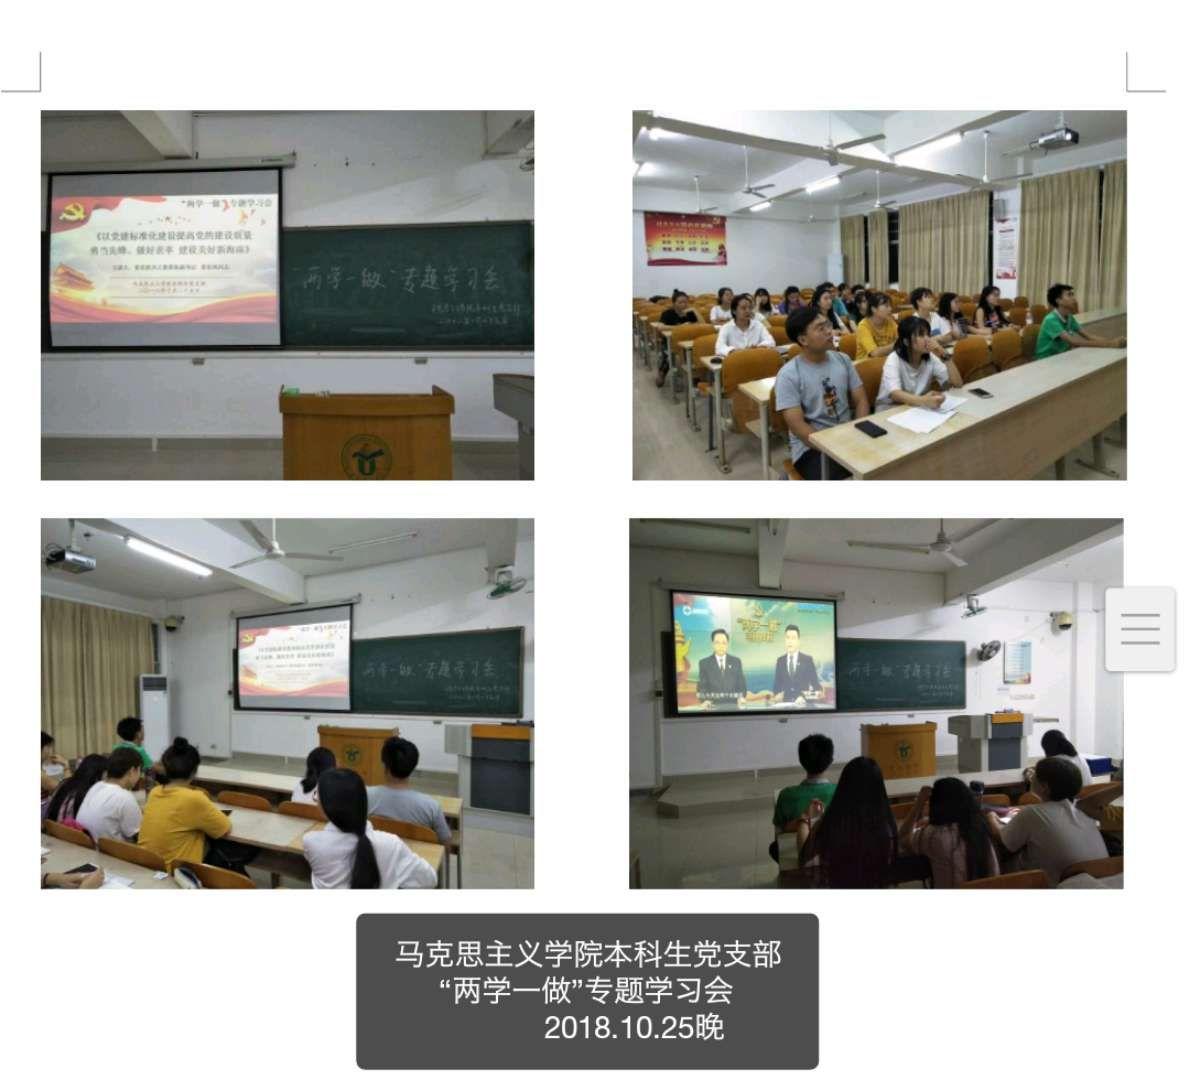 """马克思主义学院组织观看""""两学一做""""电视夜校节目"""